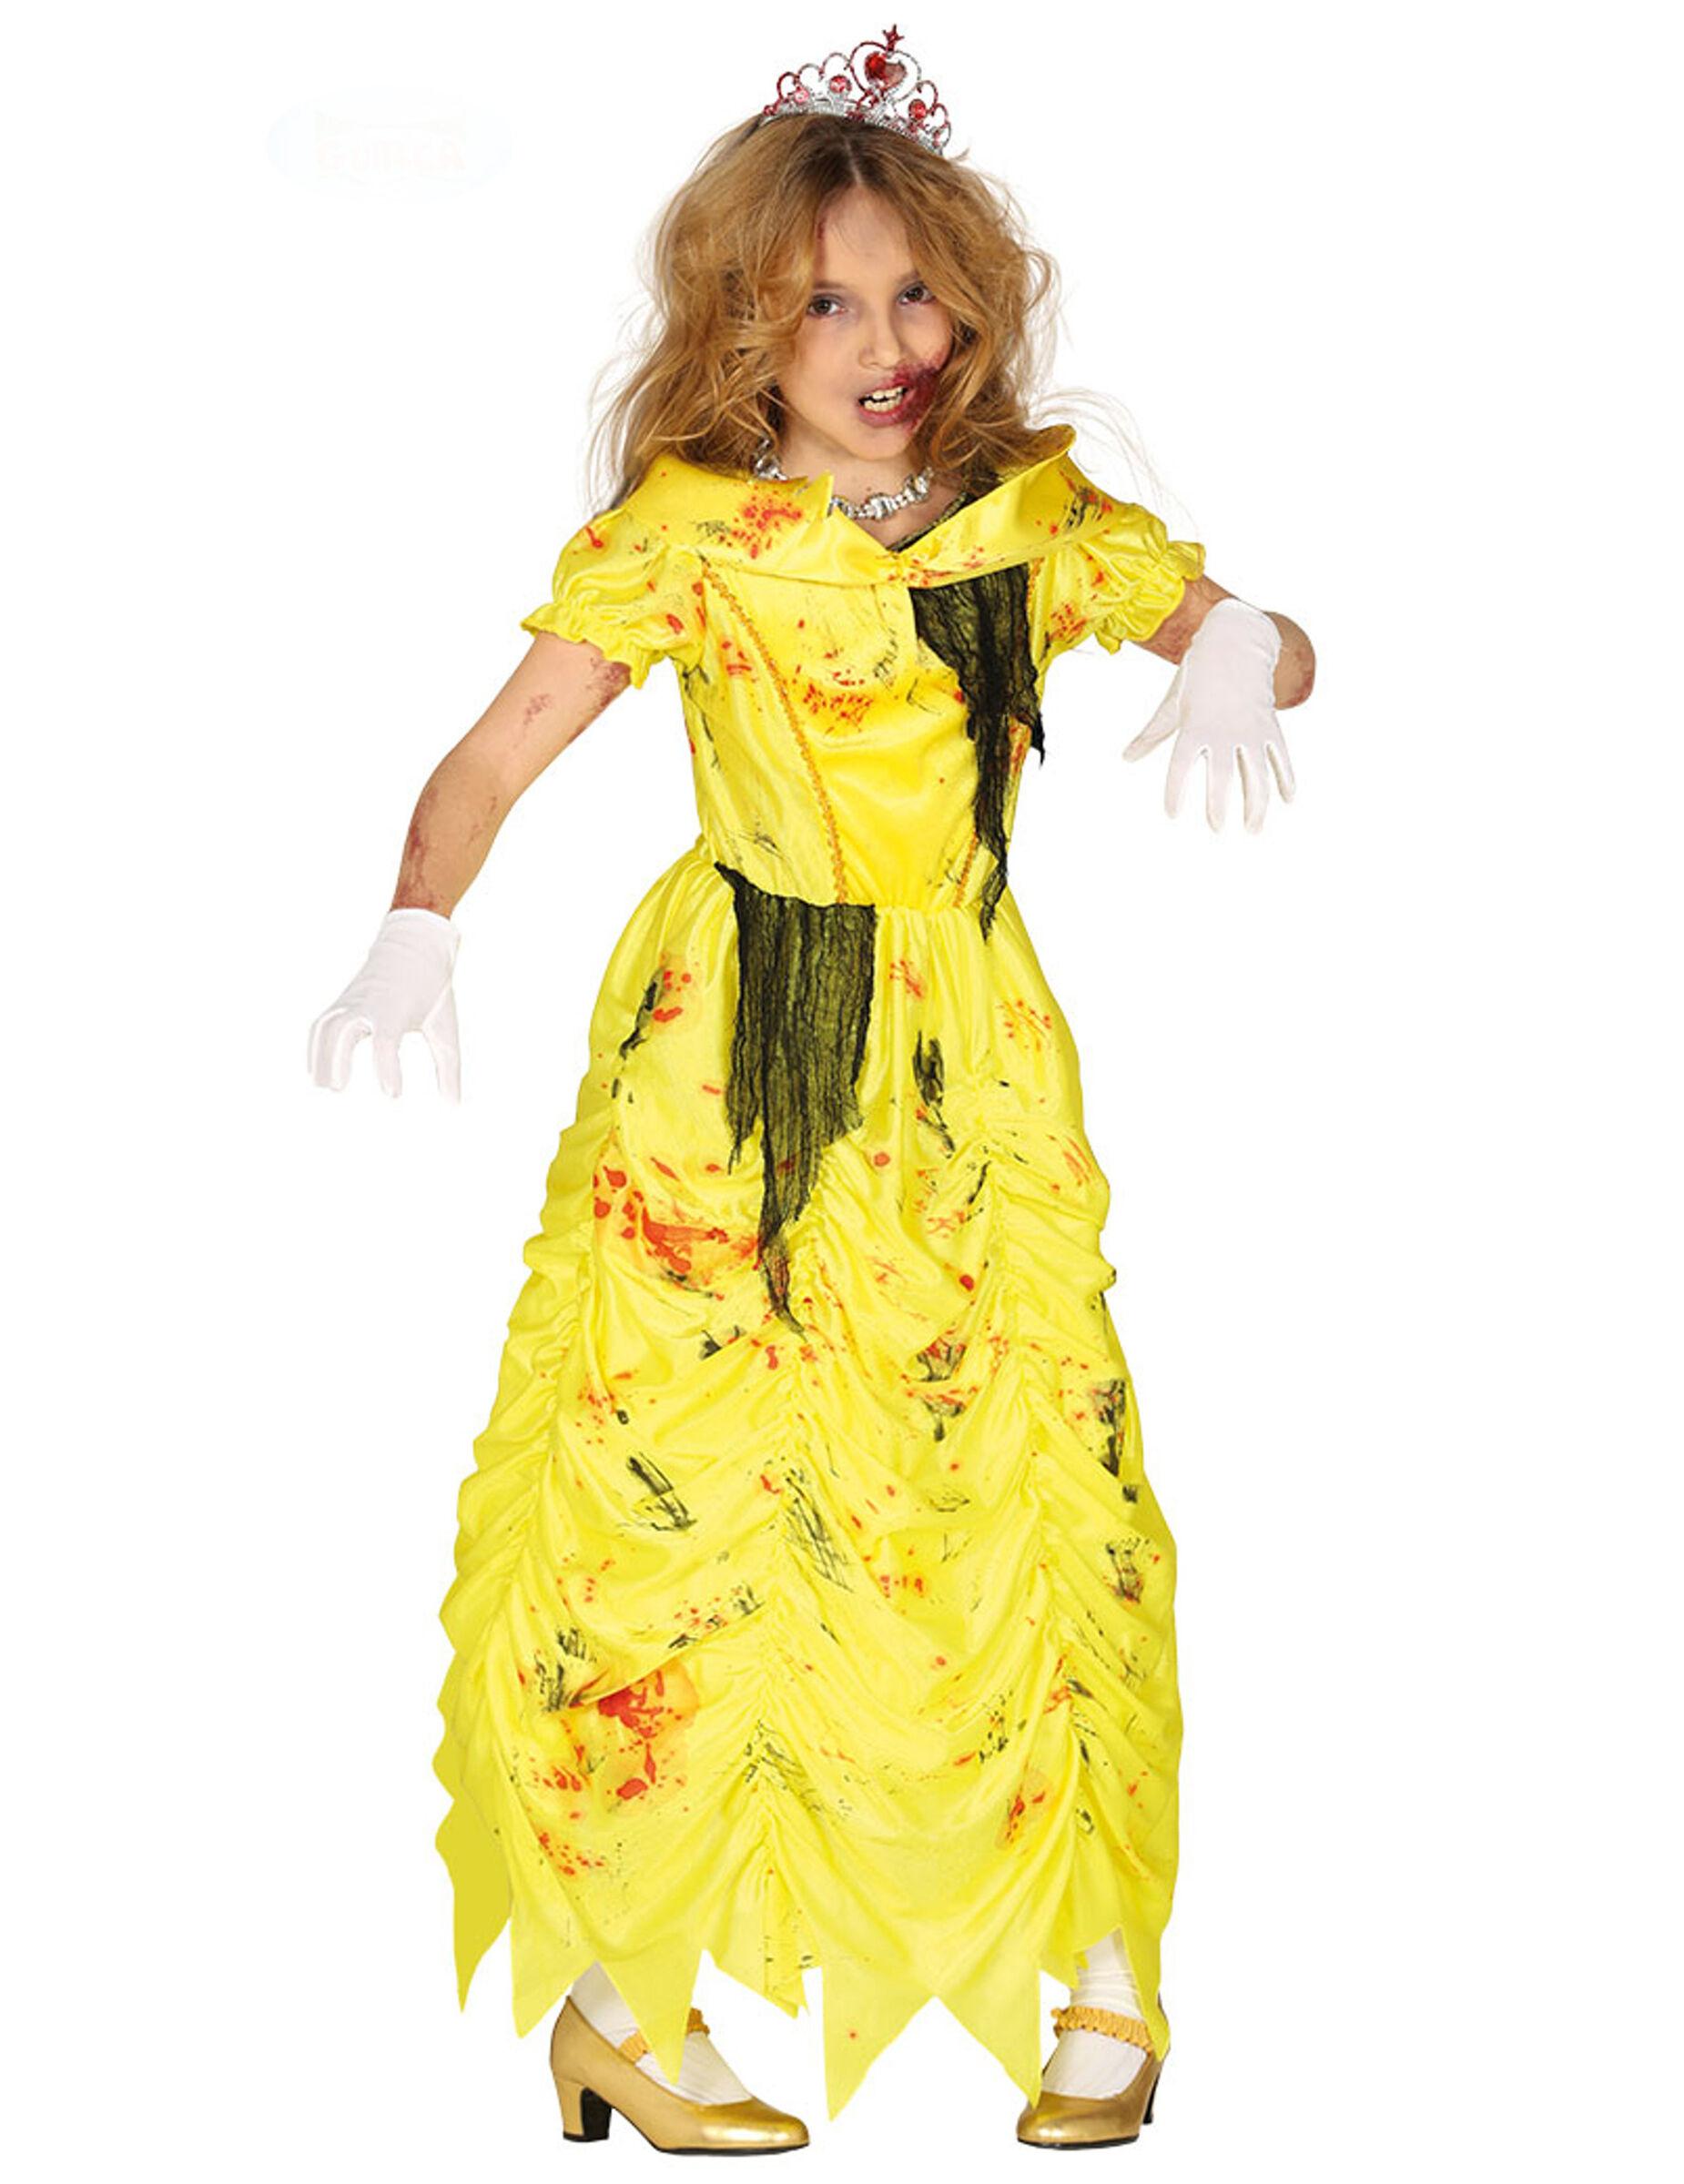 Deguisetoi Déguisement princesse zombie jaune fille - Taille: 10 à 12 ans (142-148 cm)